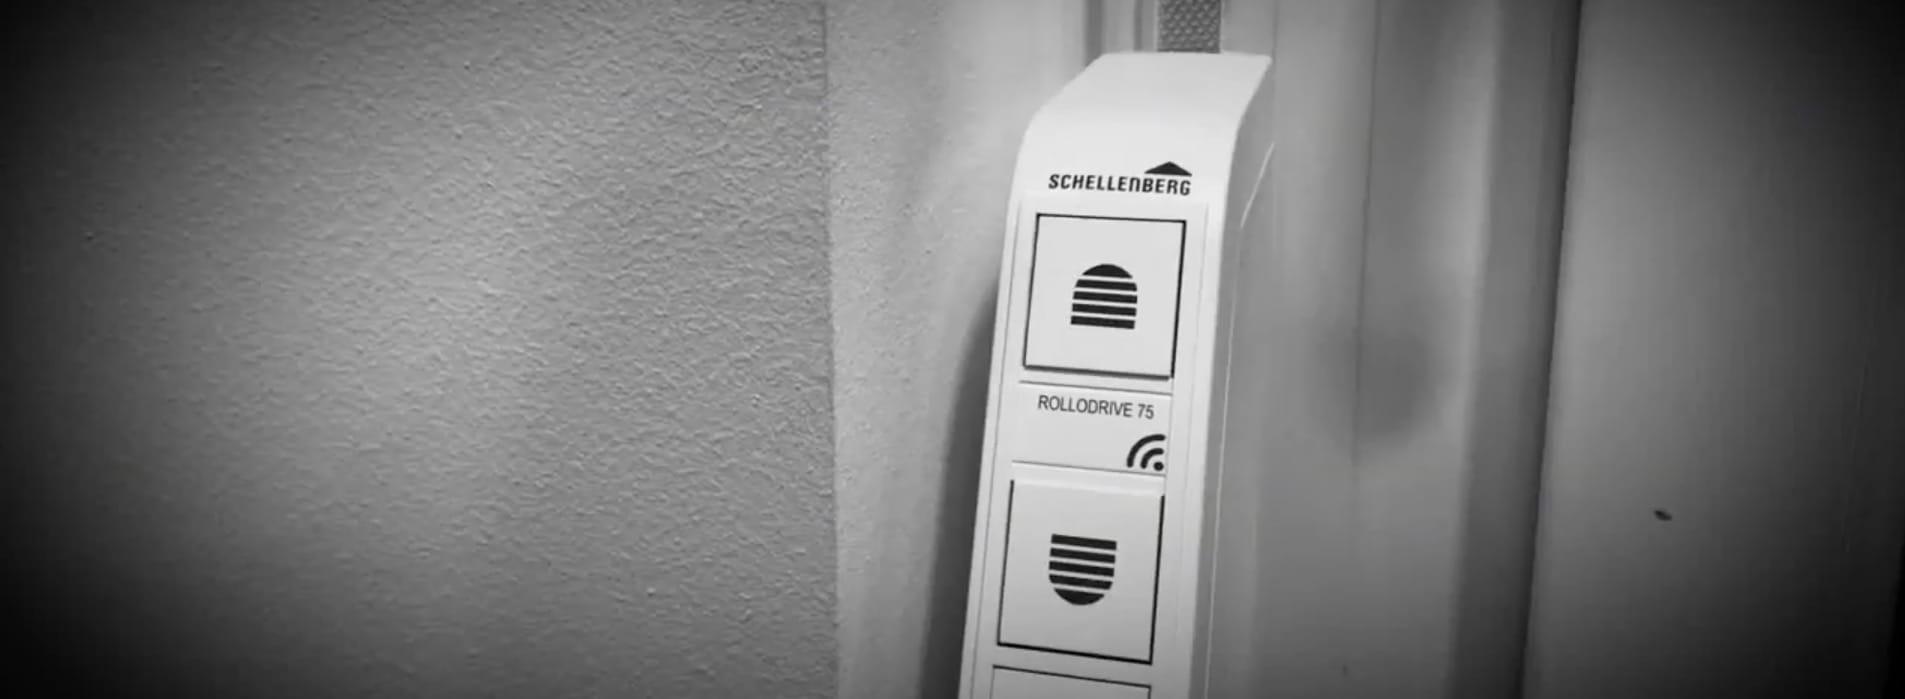 Der Gurtwickler kann aufputz neben oder auf dem Fensterrahmen nachgerüstet werden. Da seine Stromversorgung per 230-V-Steckernetzteil erfolgt, ist kein Wändeaufschlagen oder Tapezieren erforderlich.